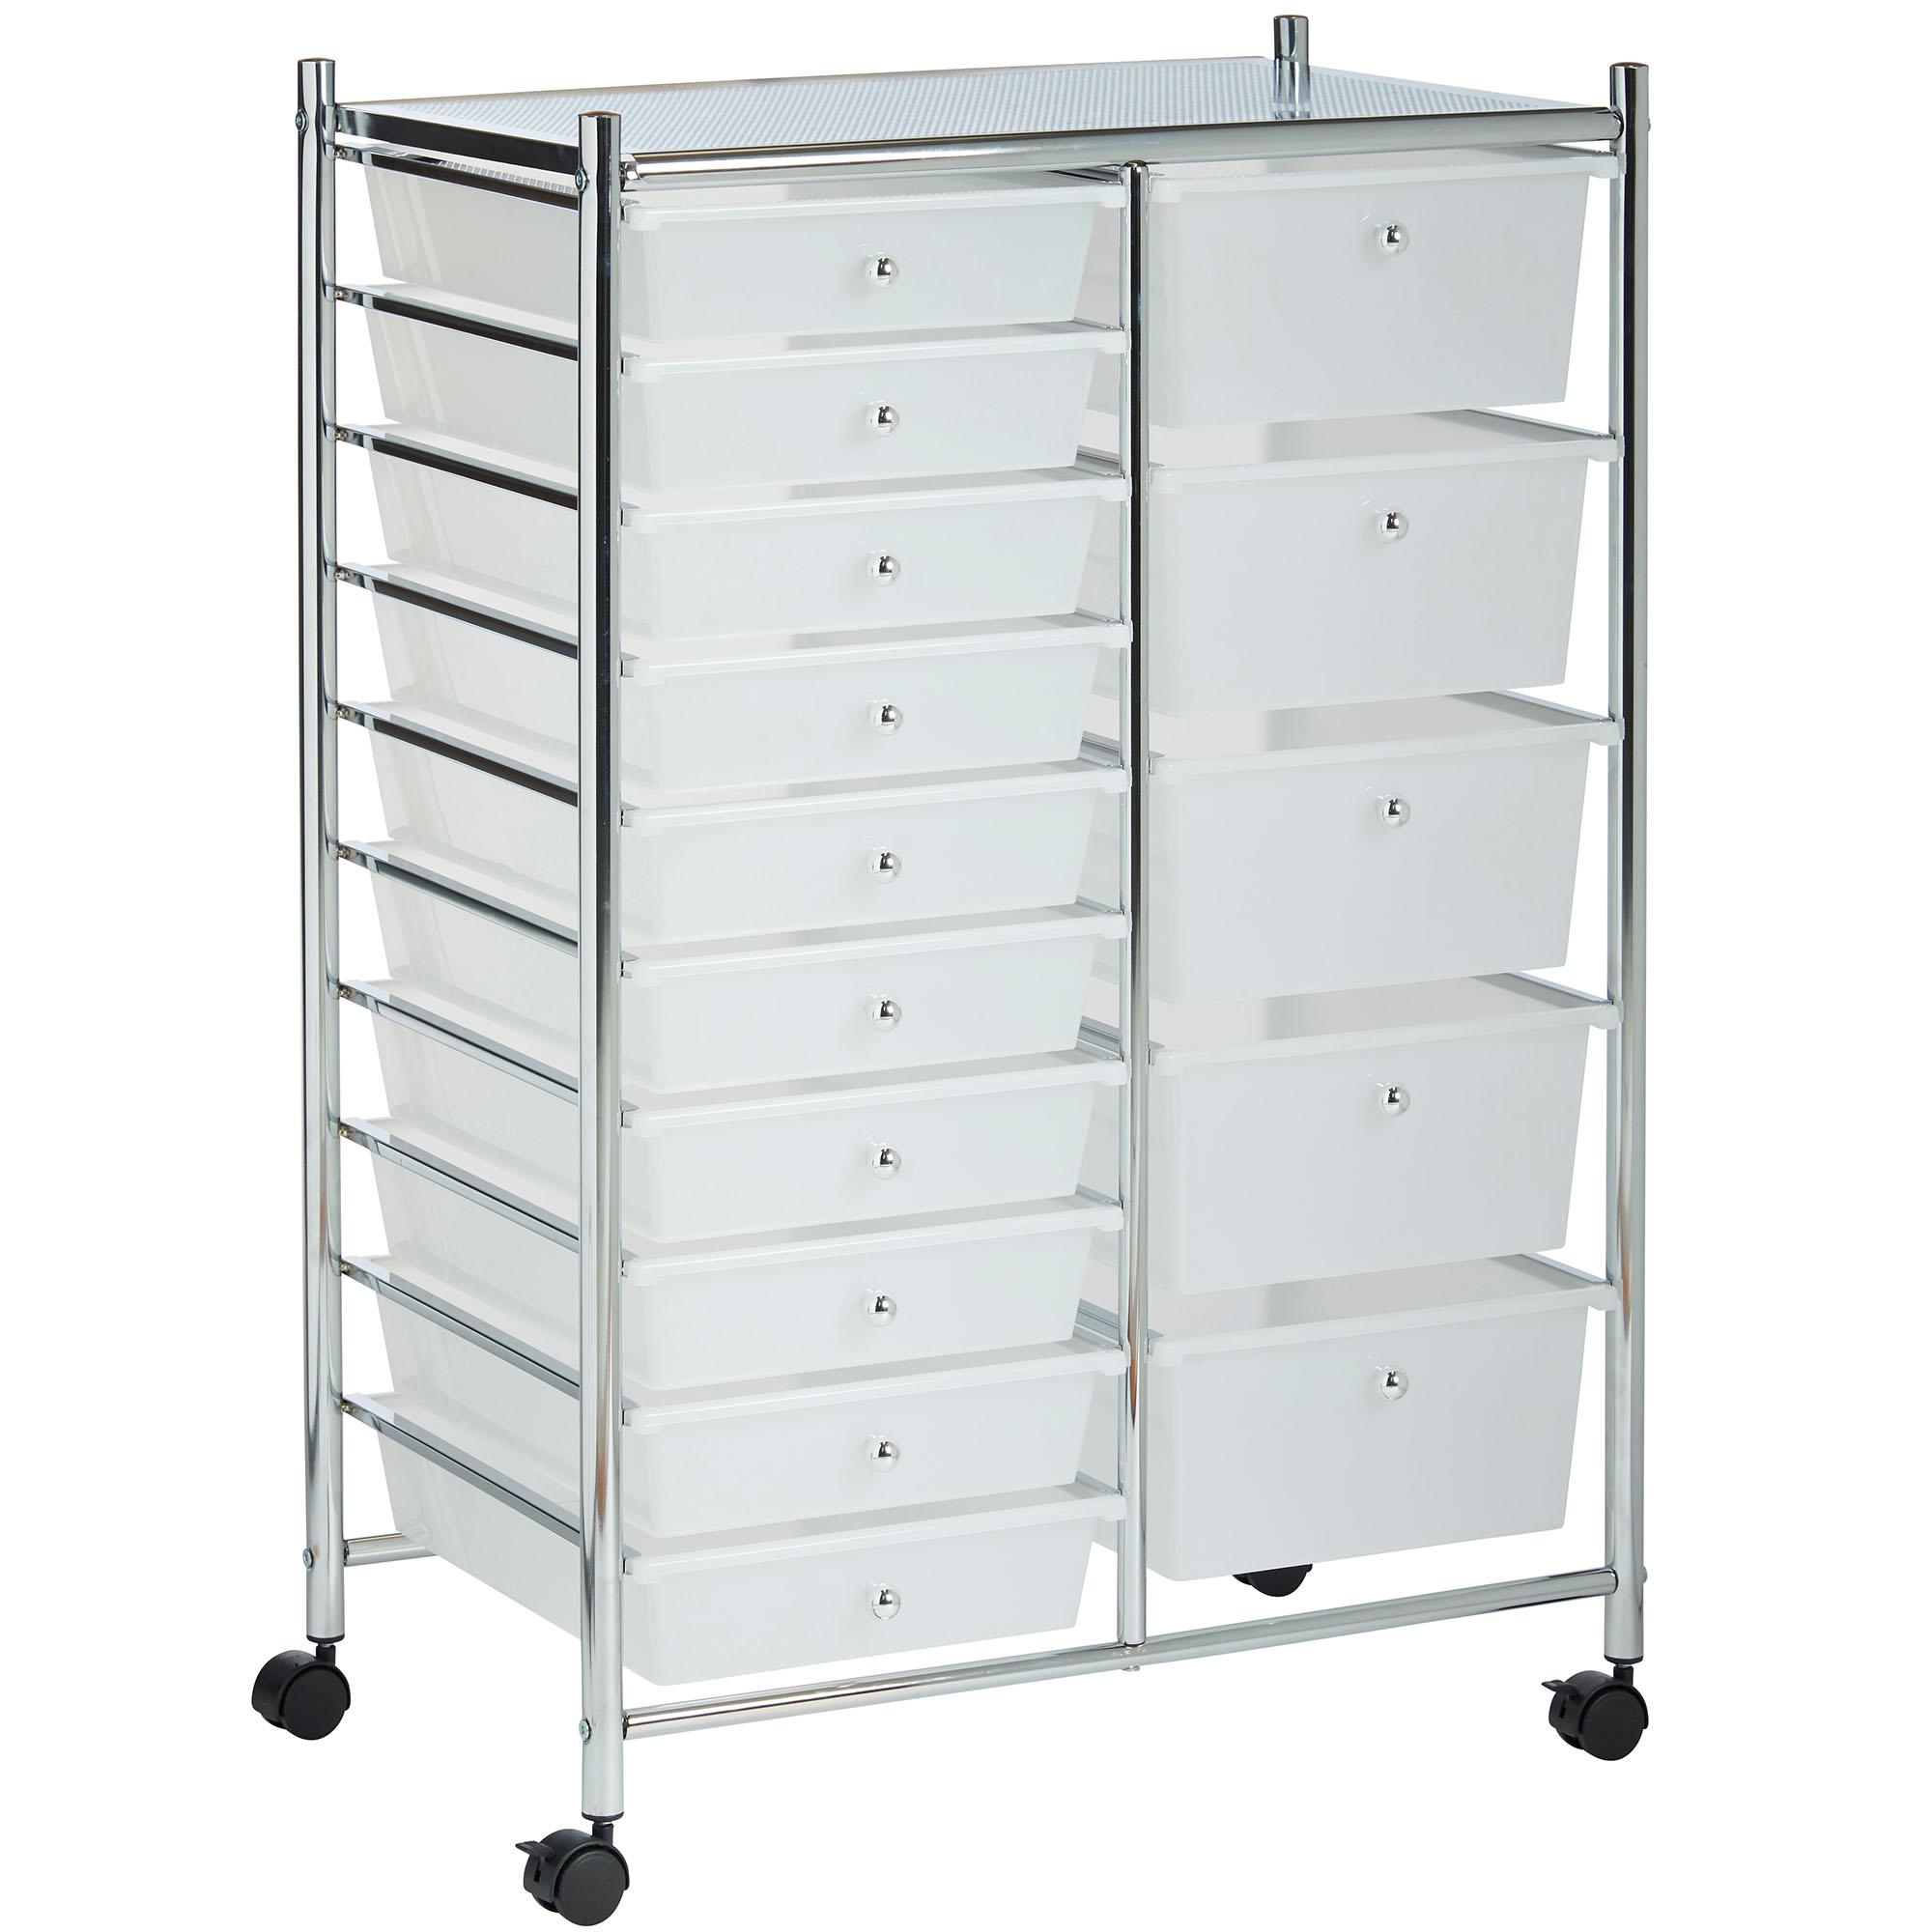 7 X 10 Storage Unit: VonHaus White 15 Drawer Home Office Salon Make Up Mobile